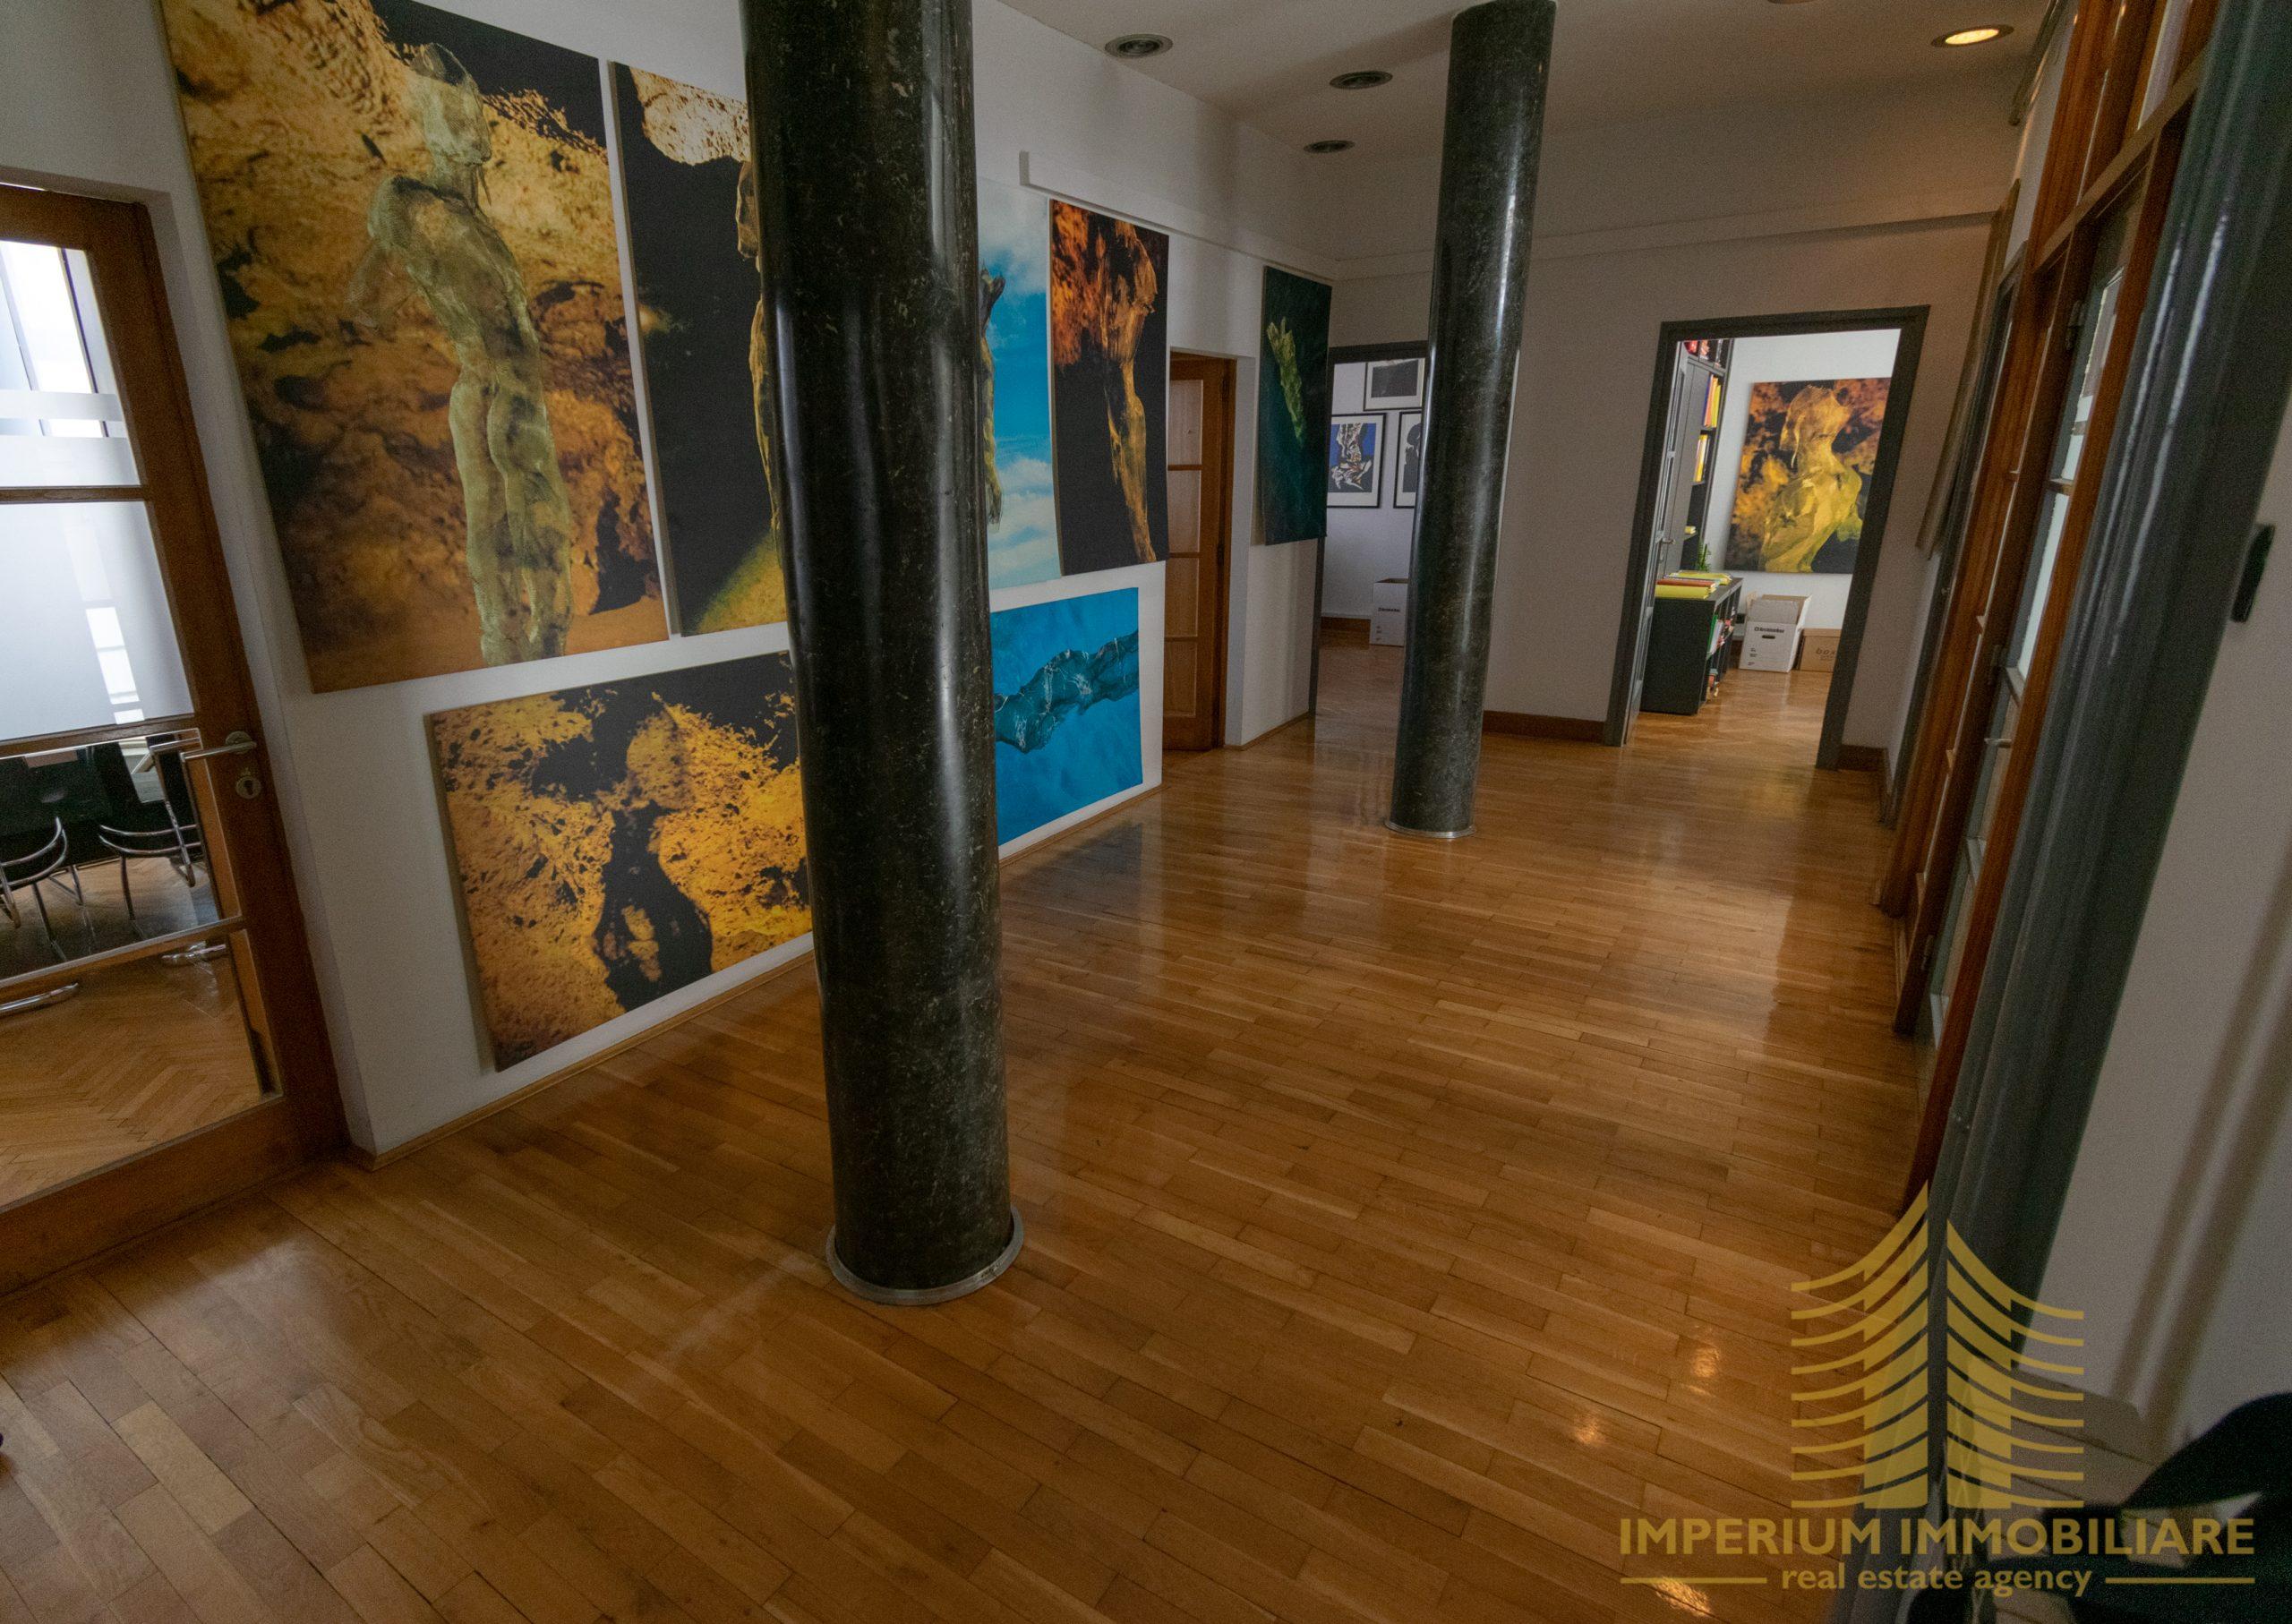 Poslovni prostor: Zagreb (Donji grad), uredski, 225 m2, 2 PARKINGA (iznajmljivanje)